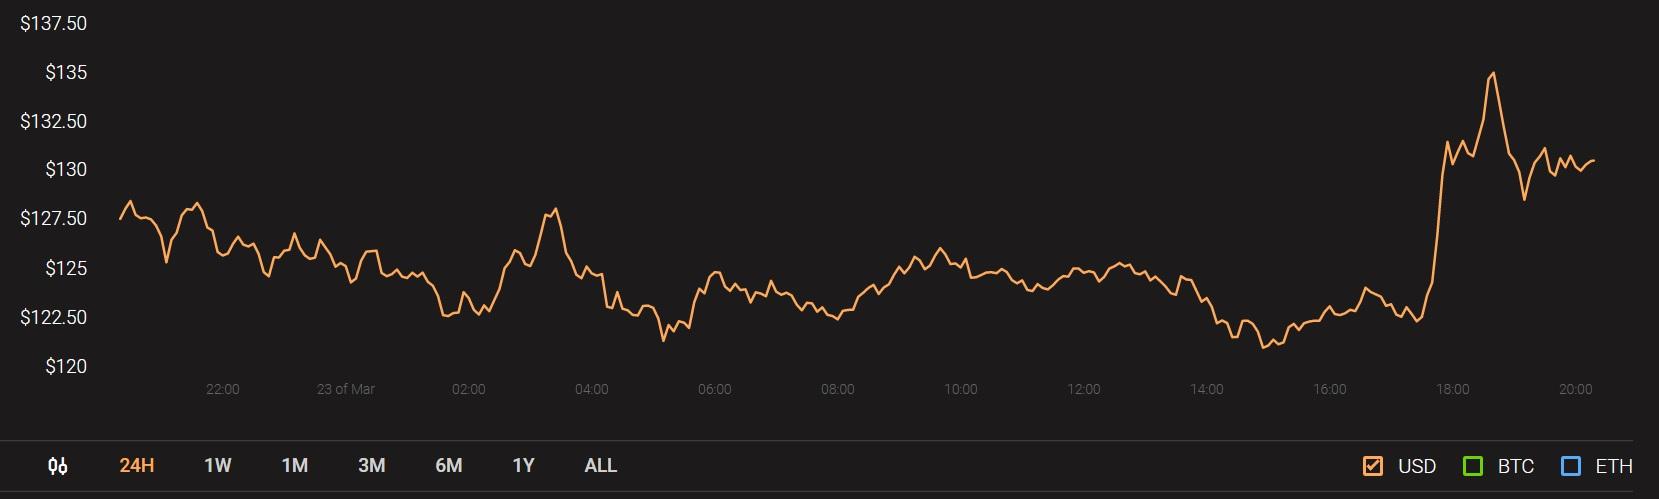 grafico prezzo ethereum 23 marzo